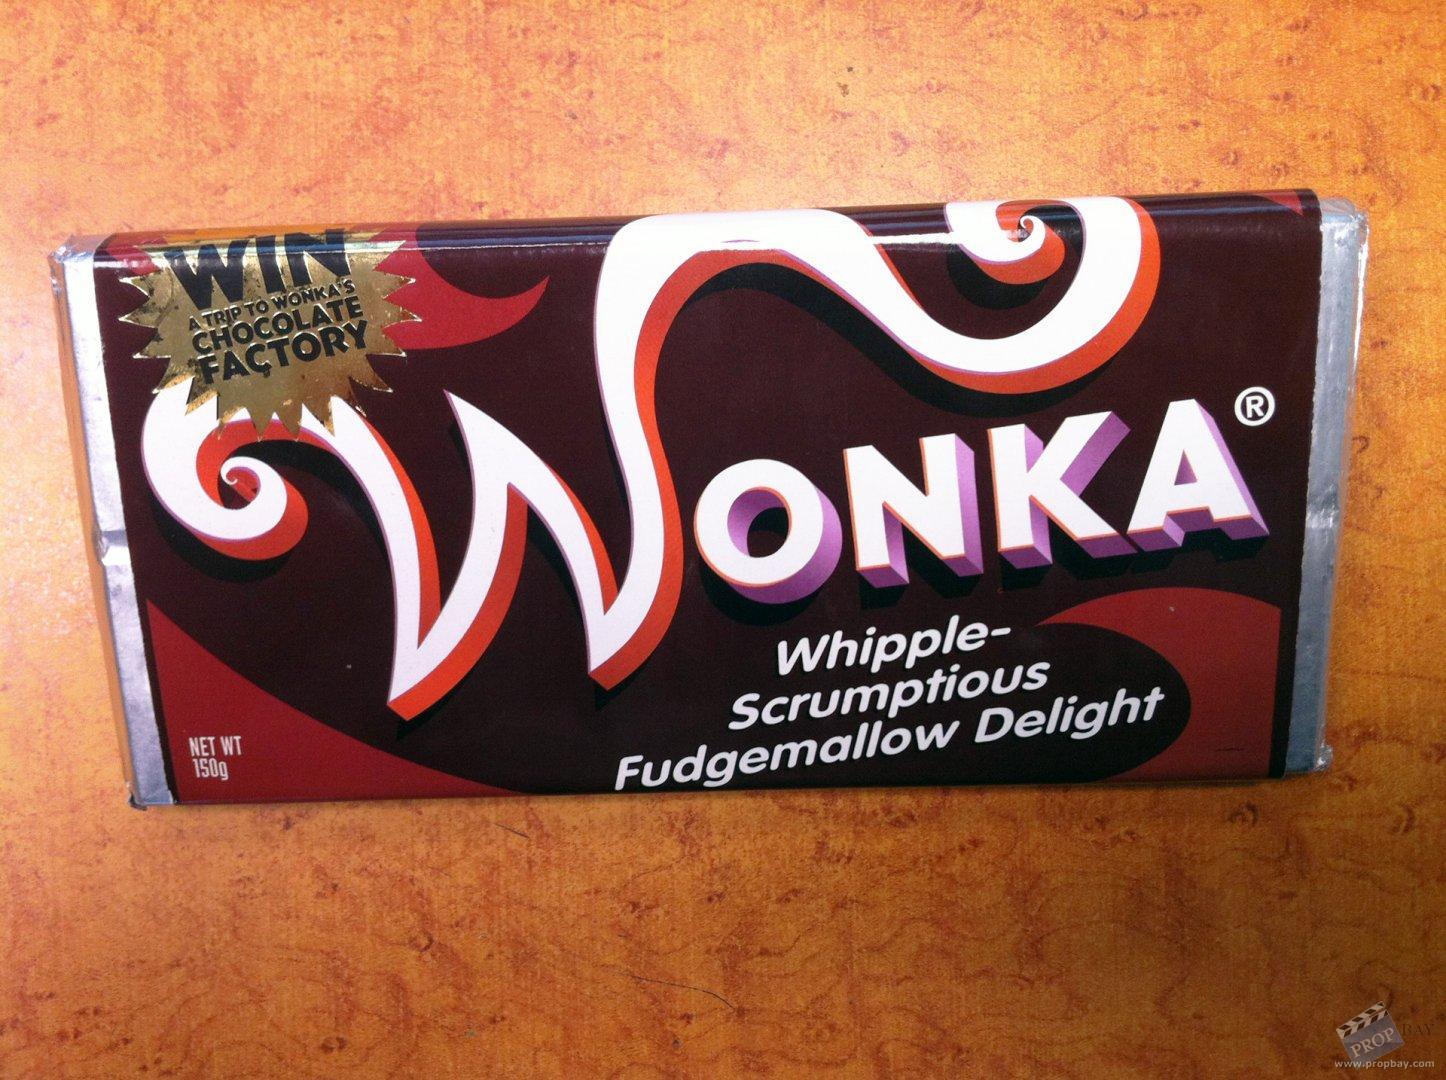 Wonka's Whipple-Scrumptious Fudgemallow Delight